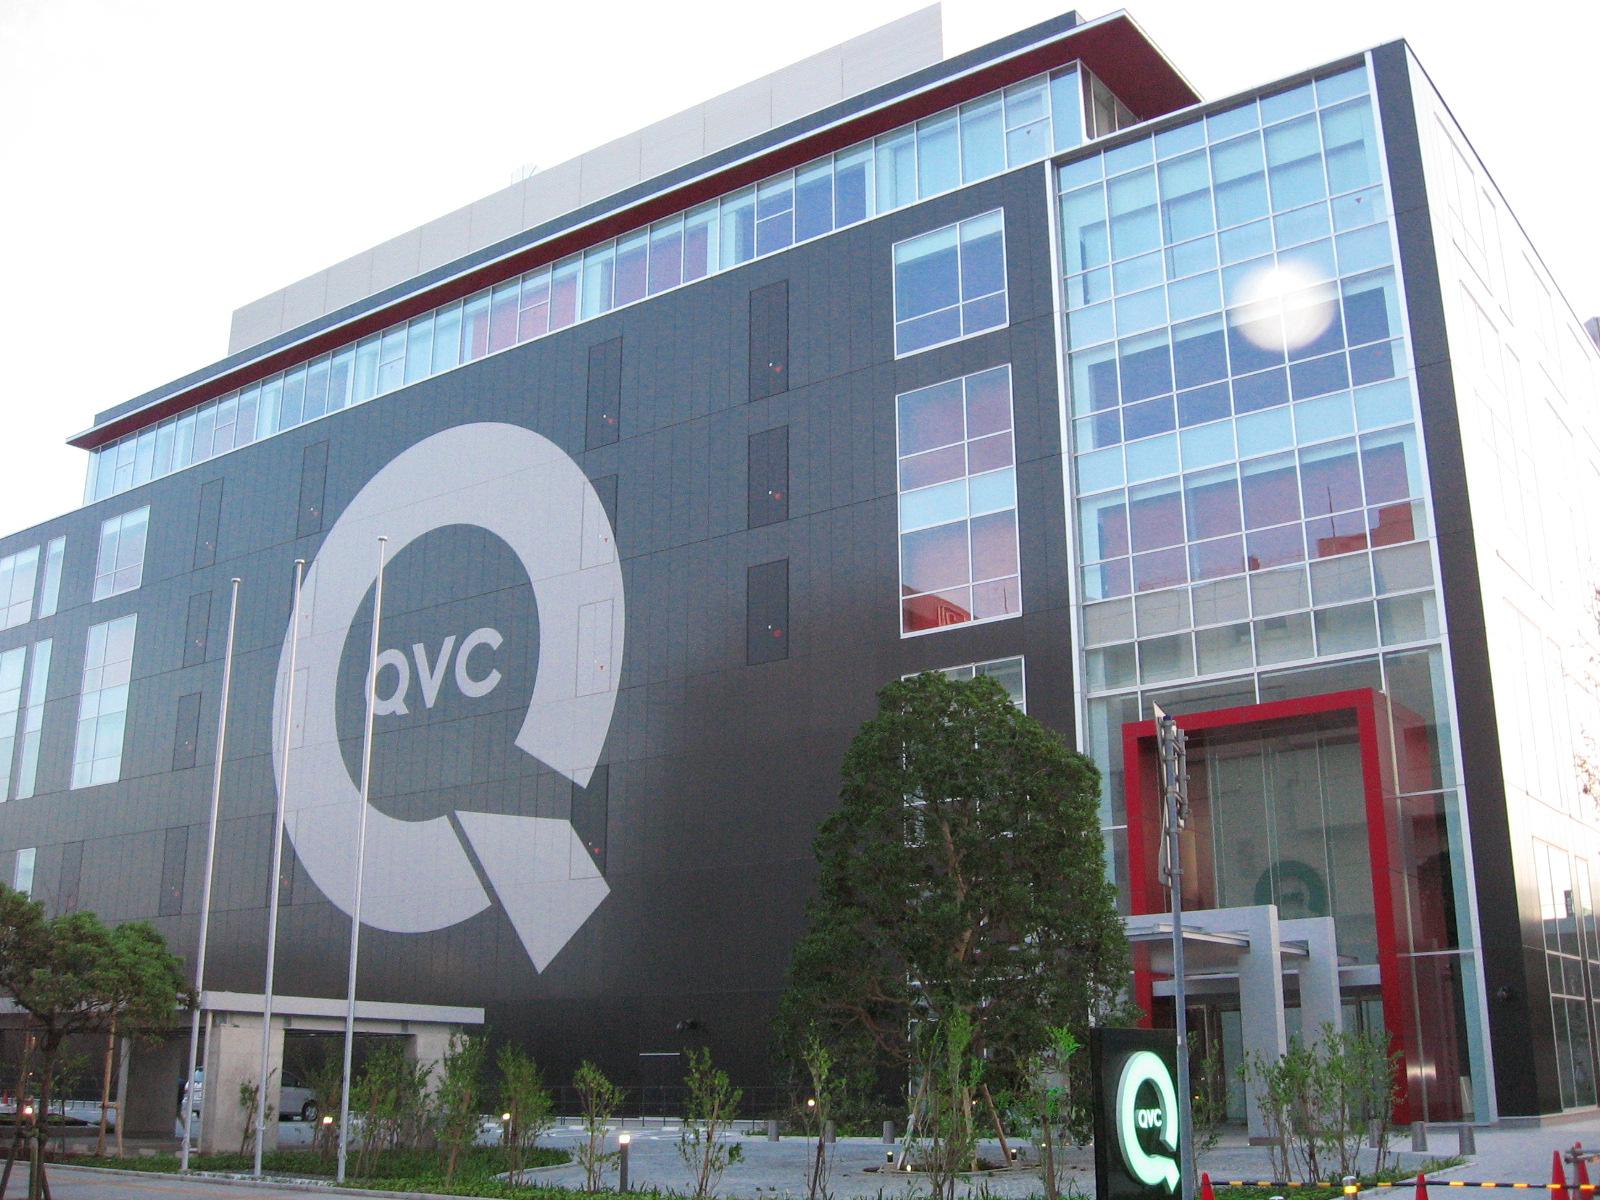 Qvc Uk Home Reflections